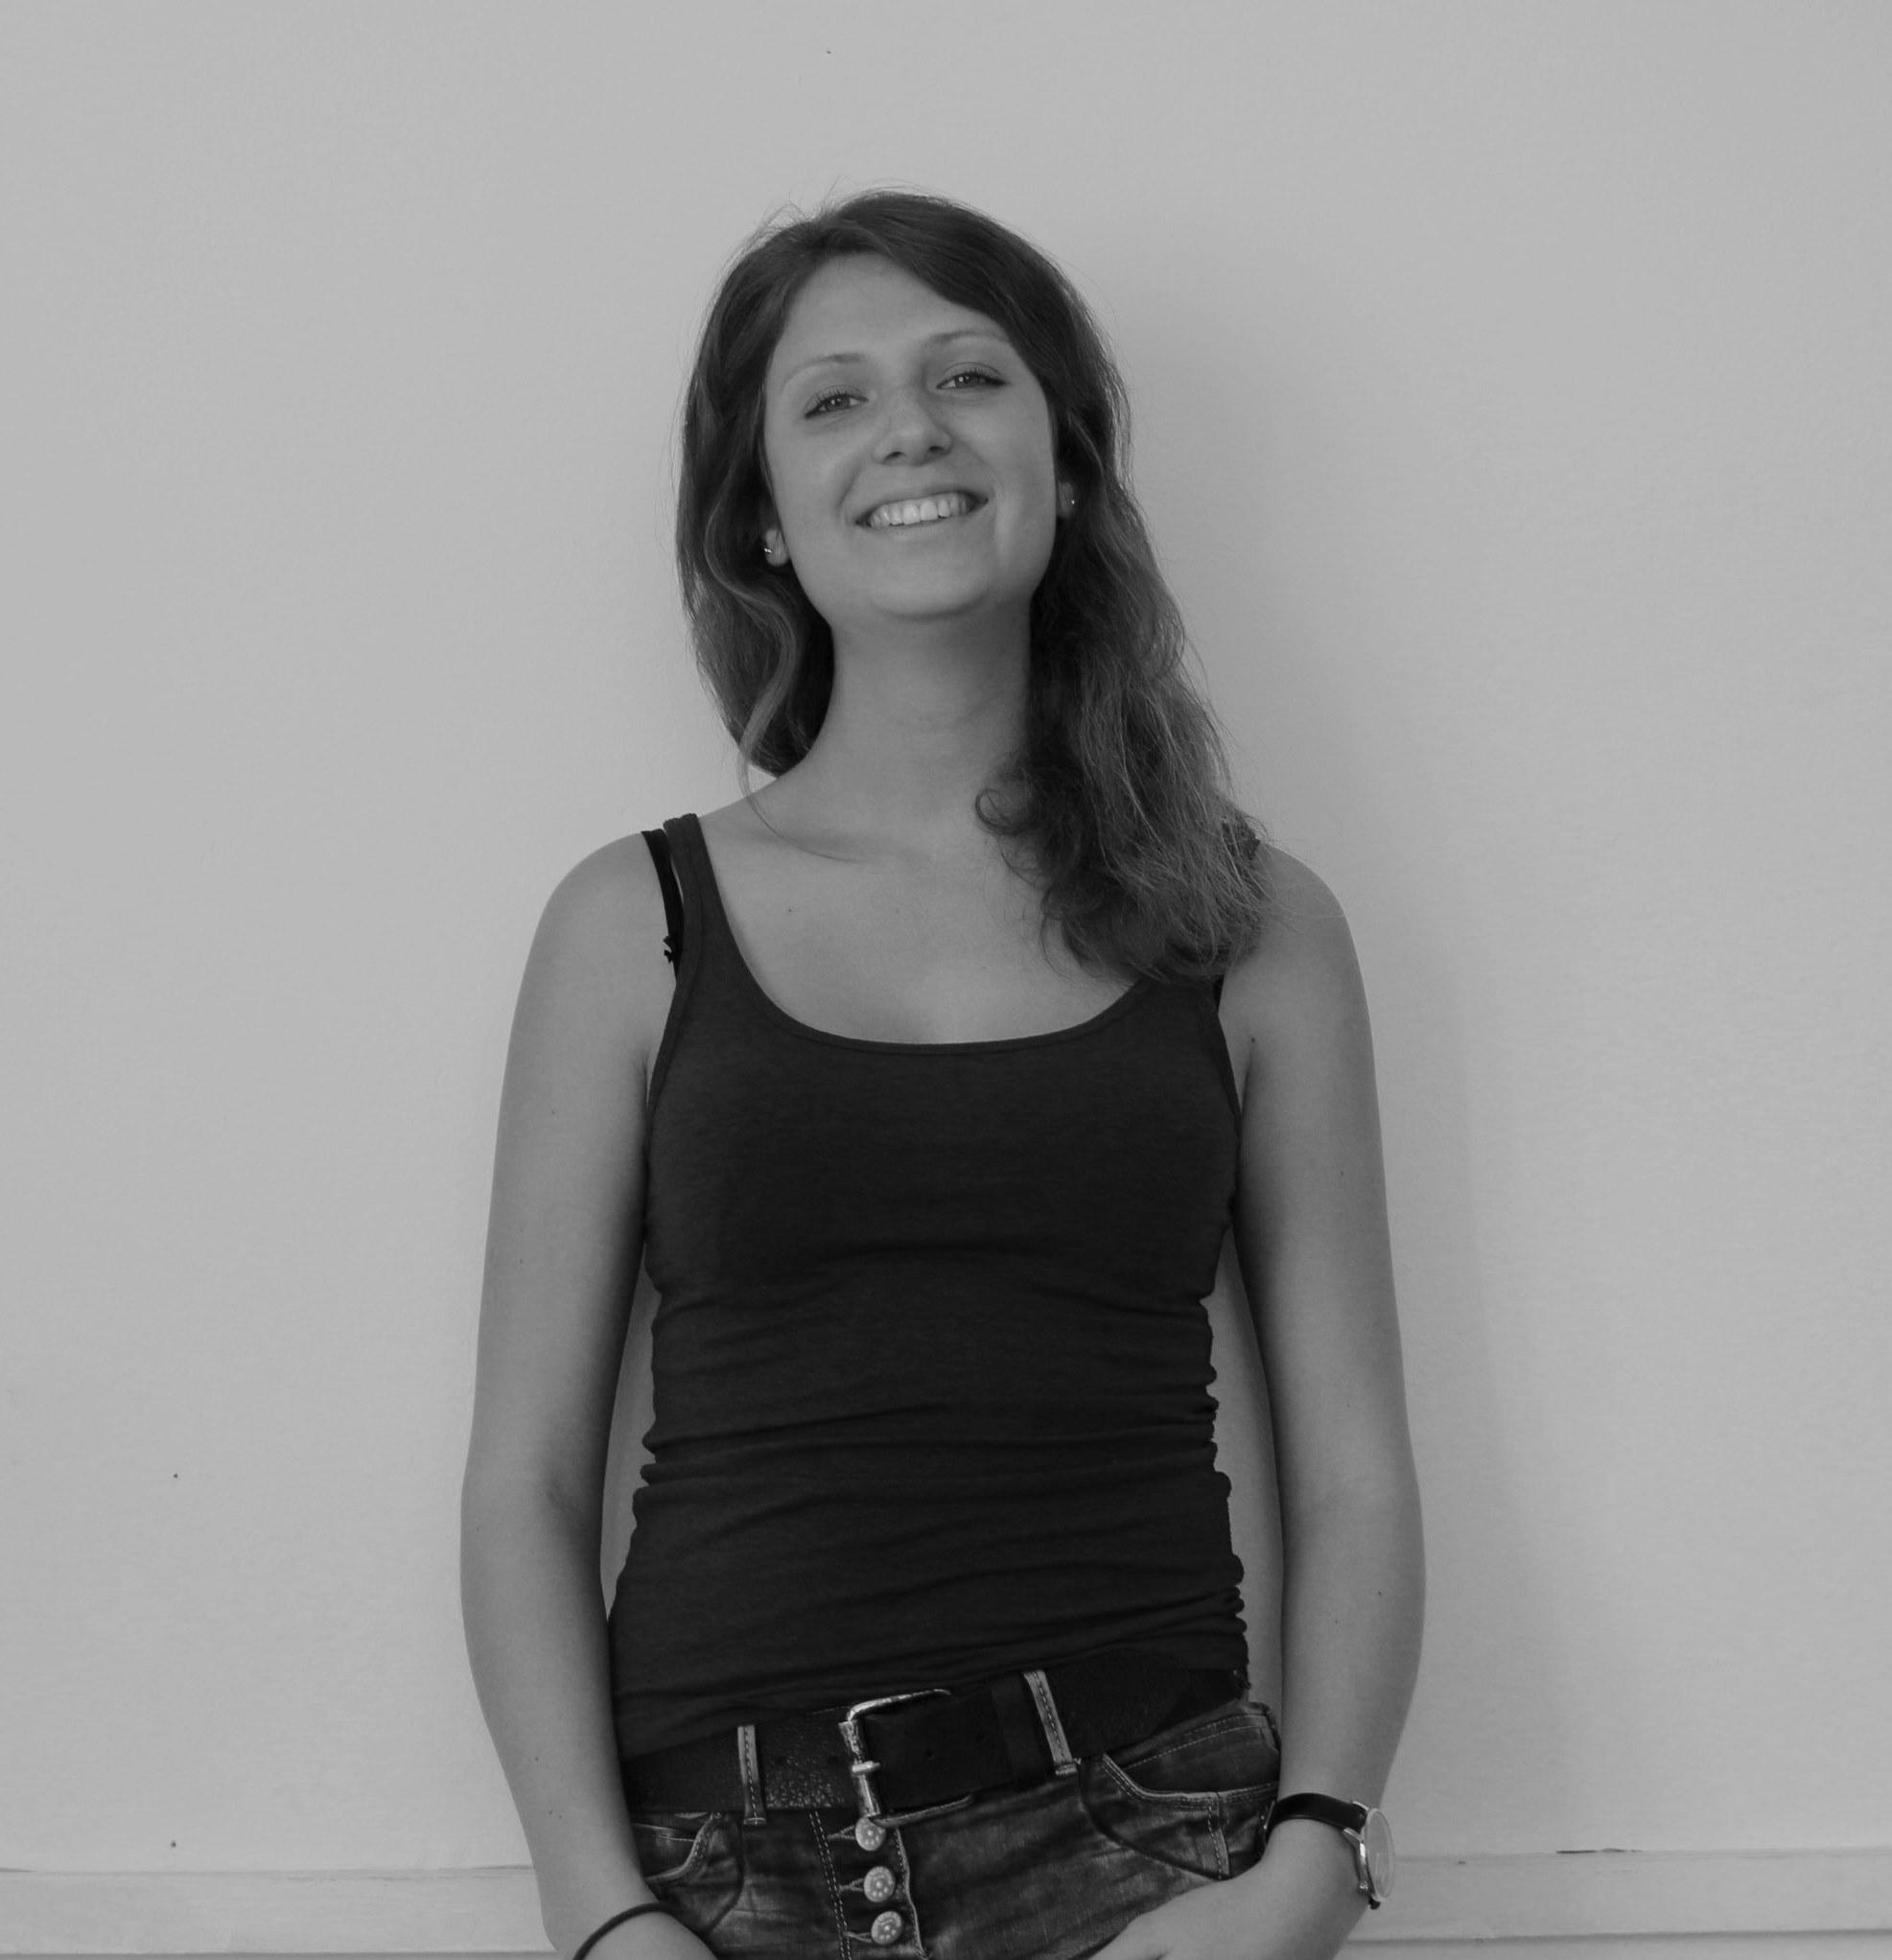 Luisa Stang